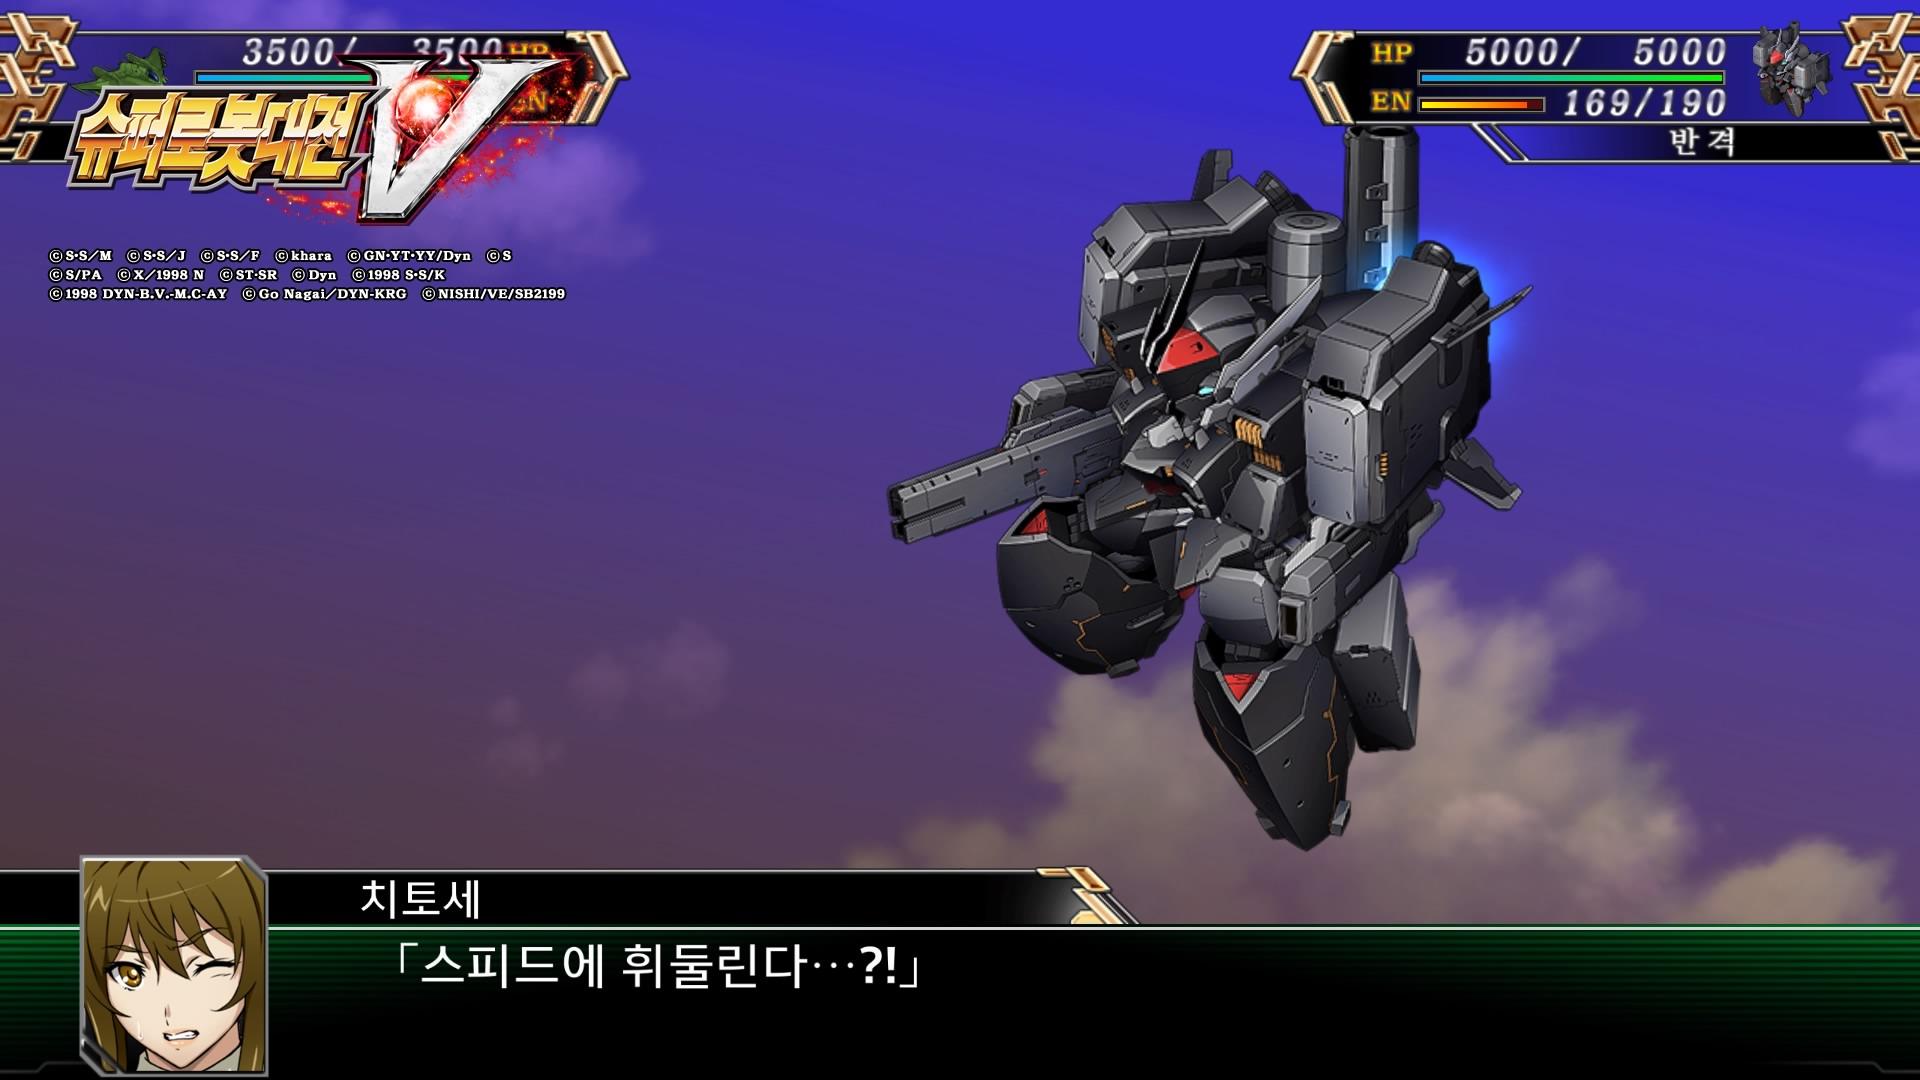 SuperRobotWarzV_21.jpg